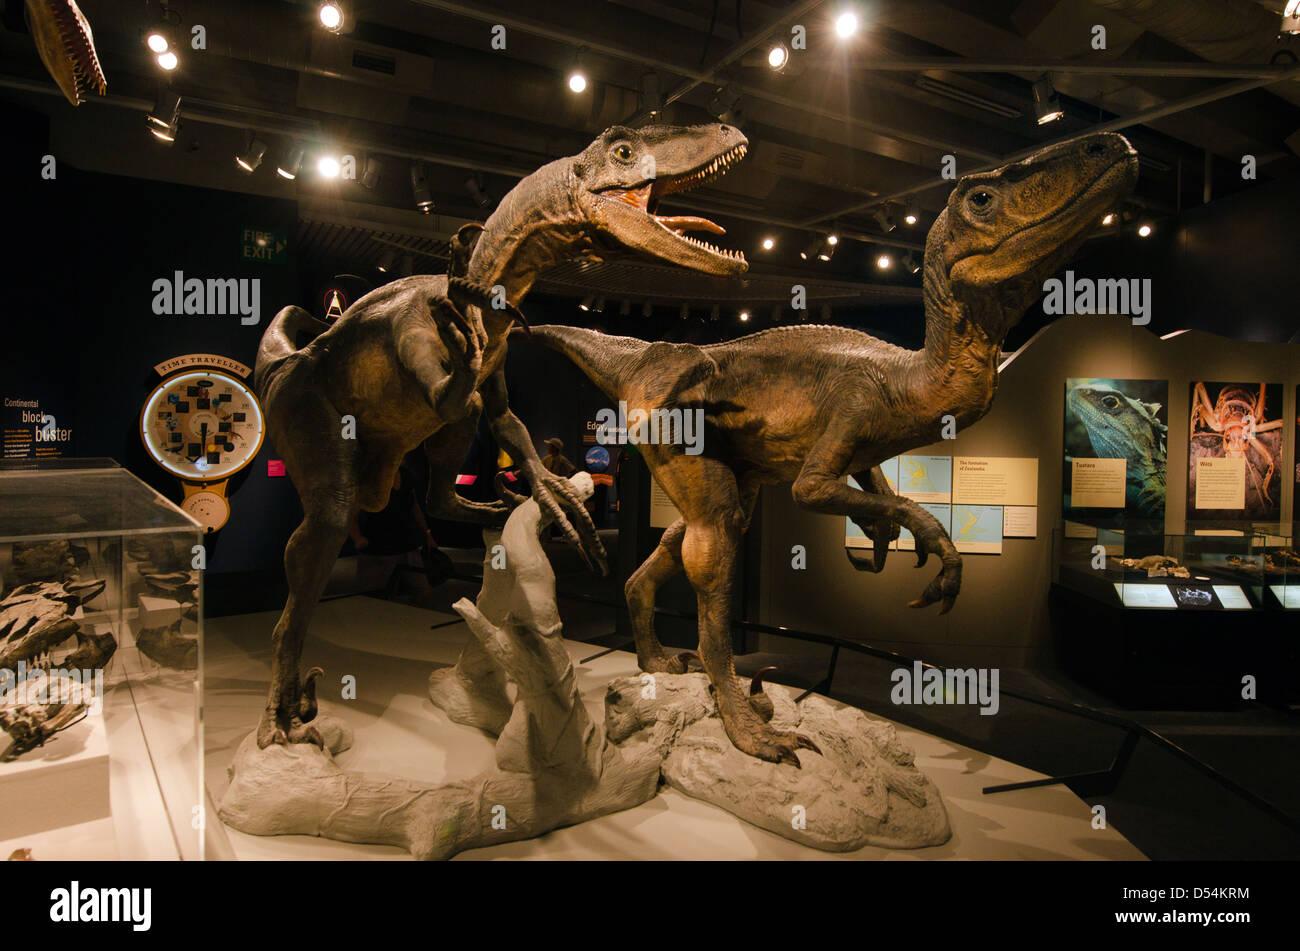 Deux imposants dinosaures au Musée Te Papa à Wellington en Nouvelle-Zélande Photo Stock